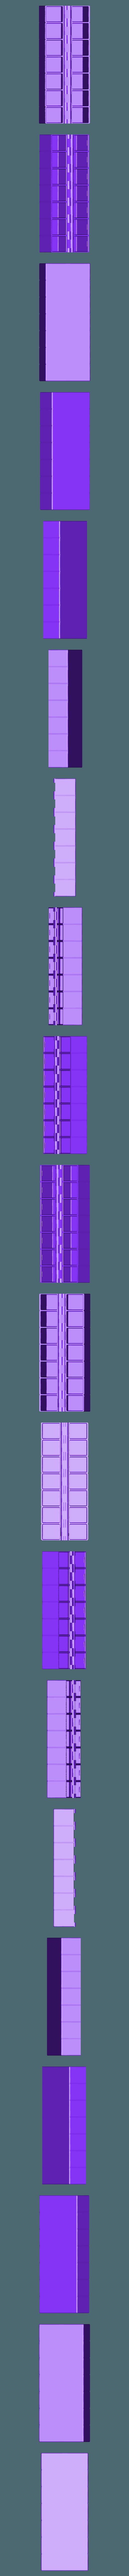 Pill_Box_Long.stl Télécharger fichier STL gratuit Pilulier 2 semaines • Objet pour imprimante 3D, Oggie